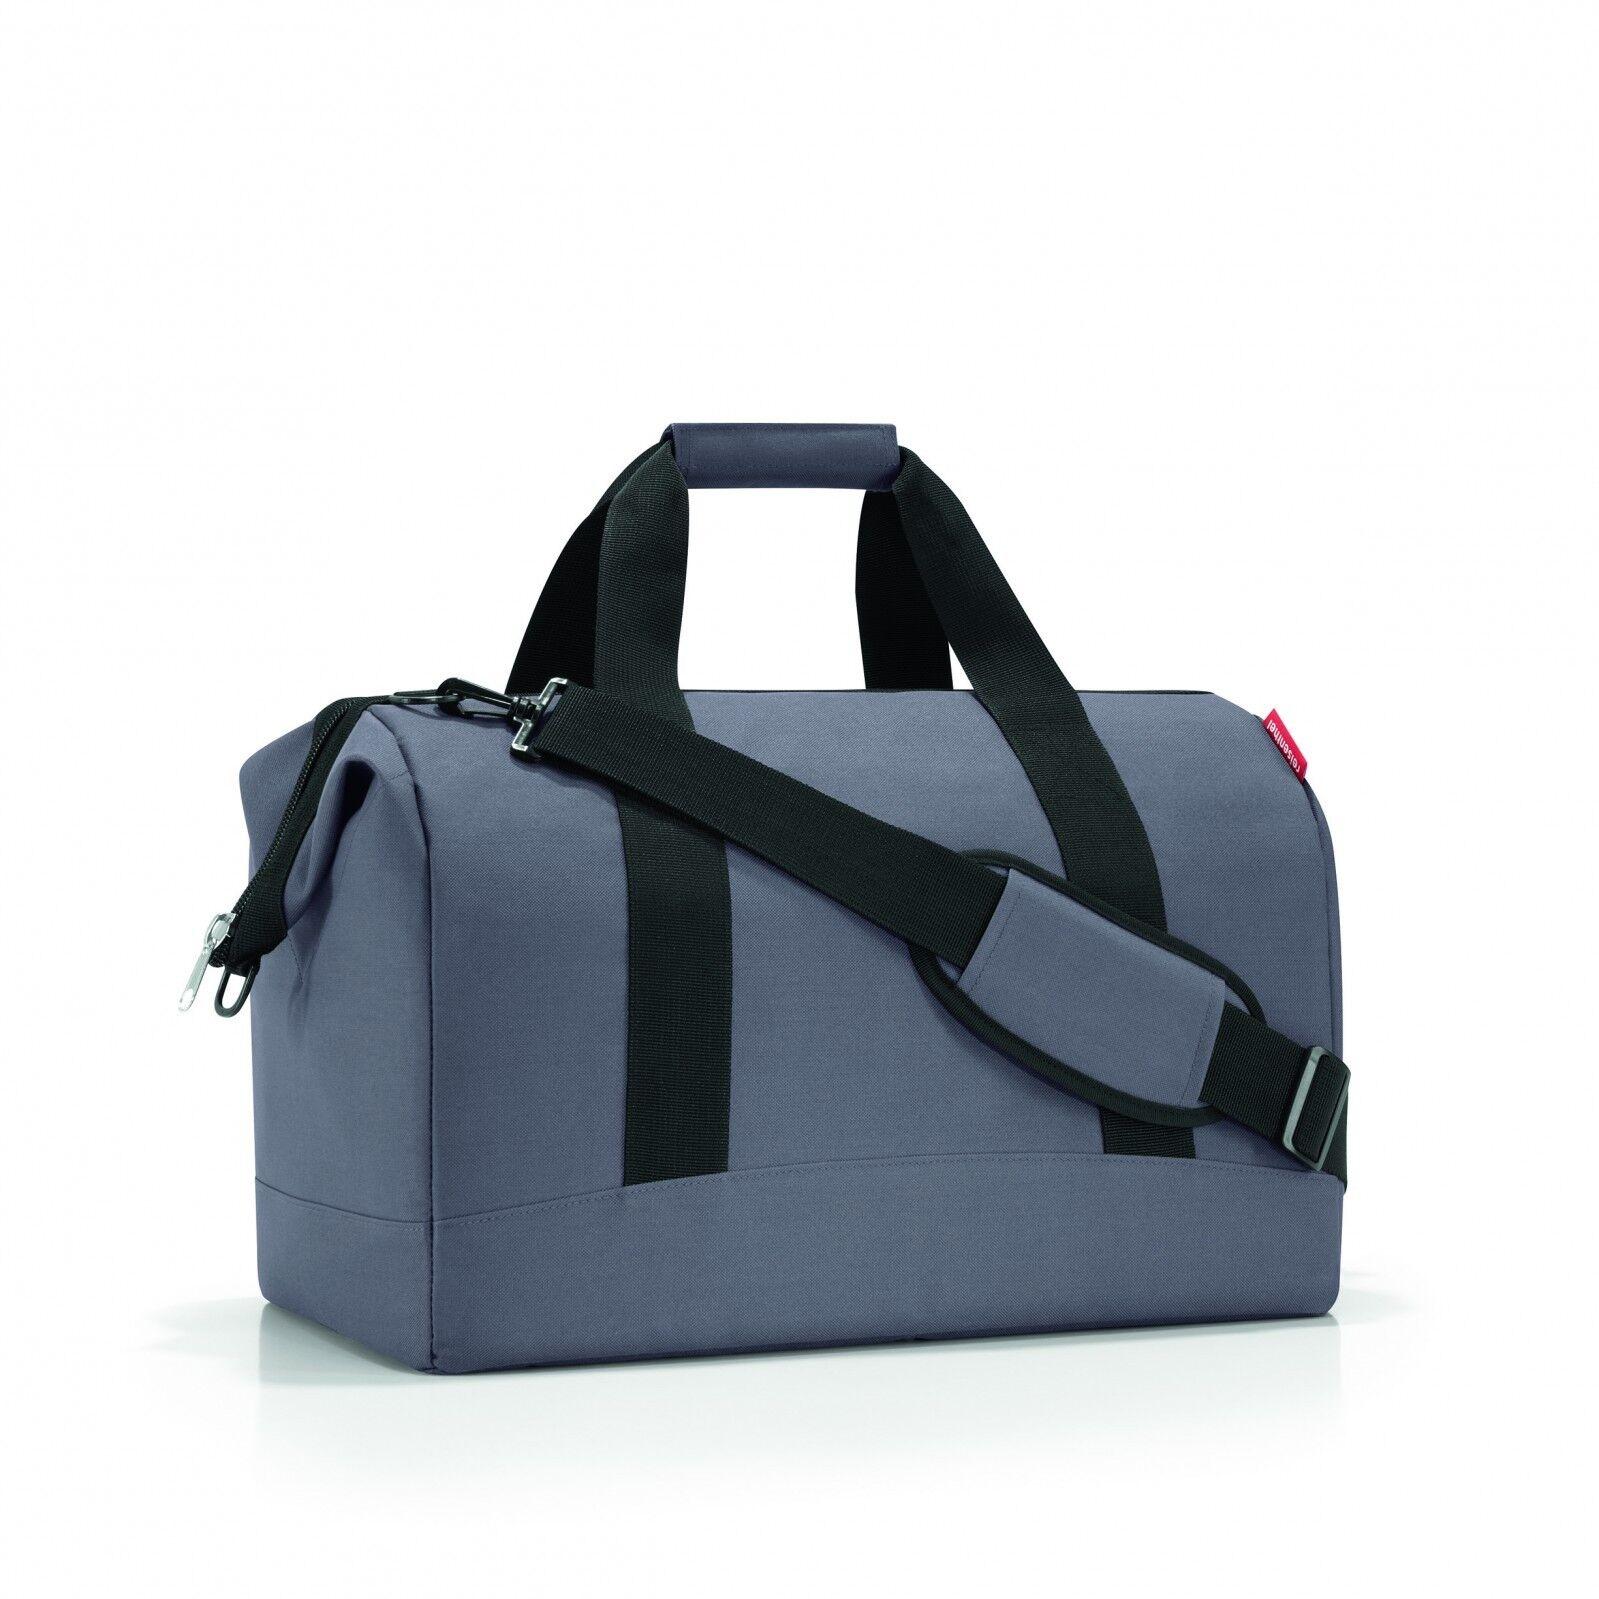 Reisenthel allrounder L Reisetasche Reisetasche Reisetasche Tasche Sporttasche Doktortasche ALLE FARBEN | Zu einem niedrigeren Preis  | Lebensecht  | Eine Große Vielfalt An Modelle 2019 Neue  e8fa67